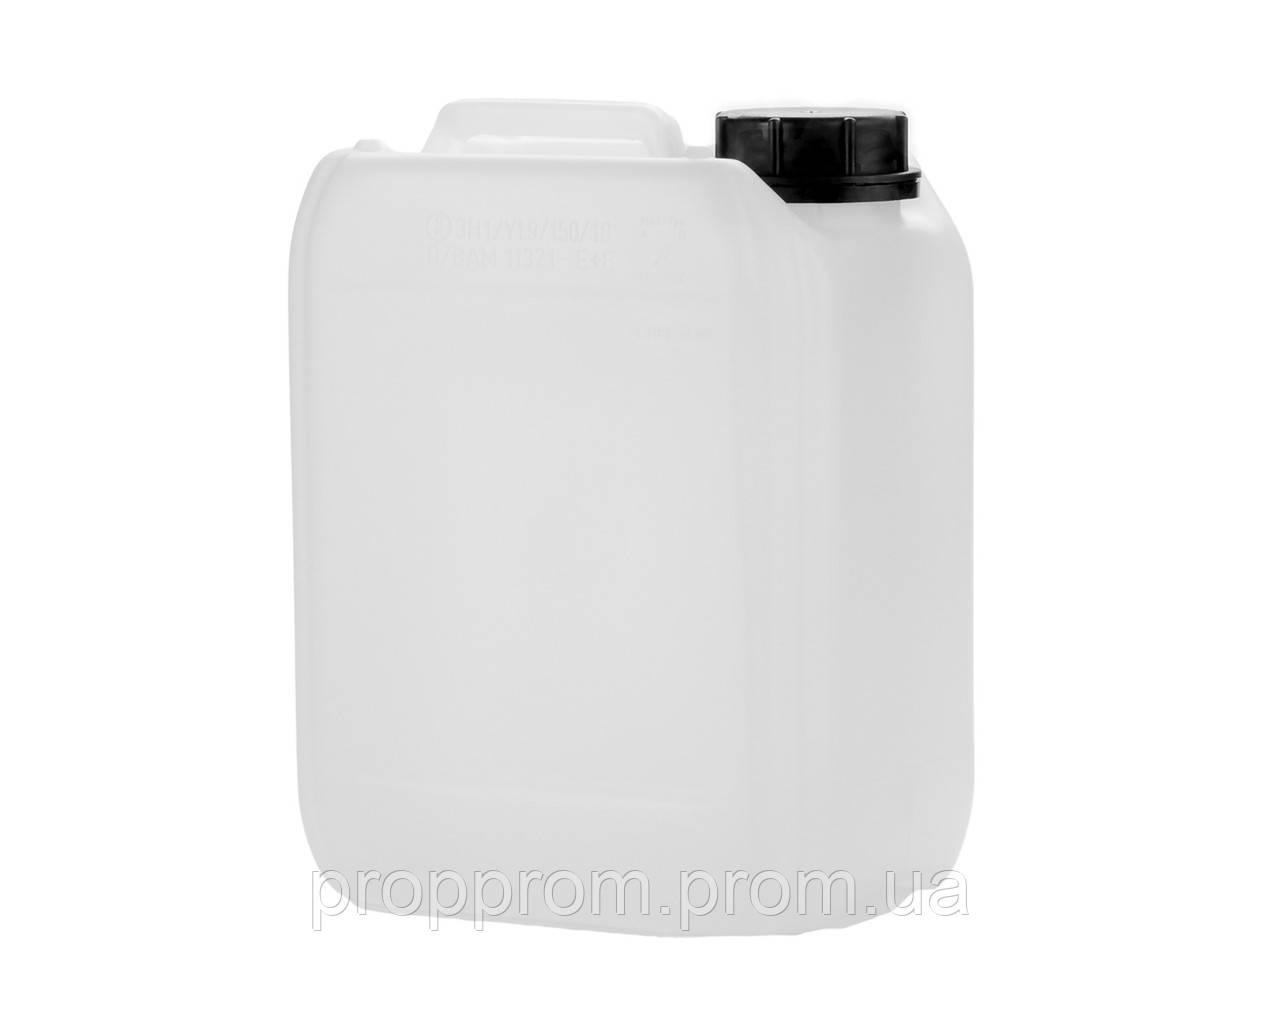 Бензин калоша ( Бензин галоша) Растворитель Б-70